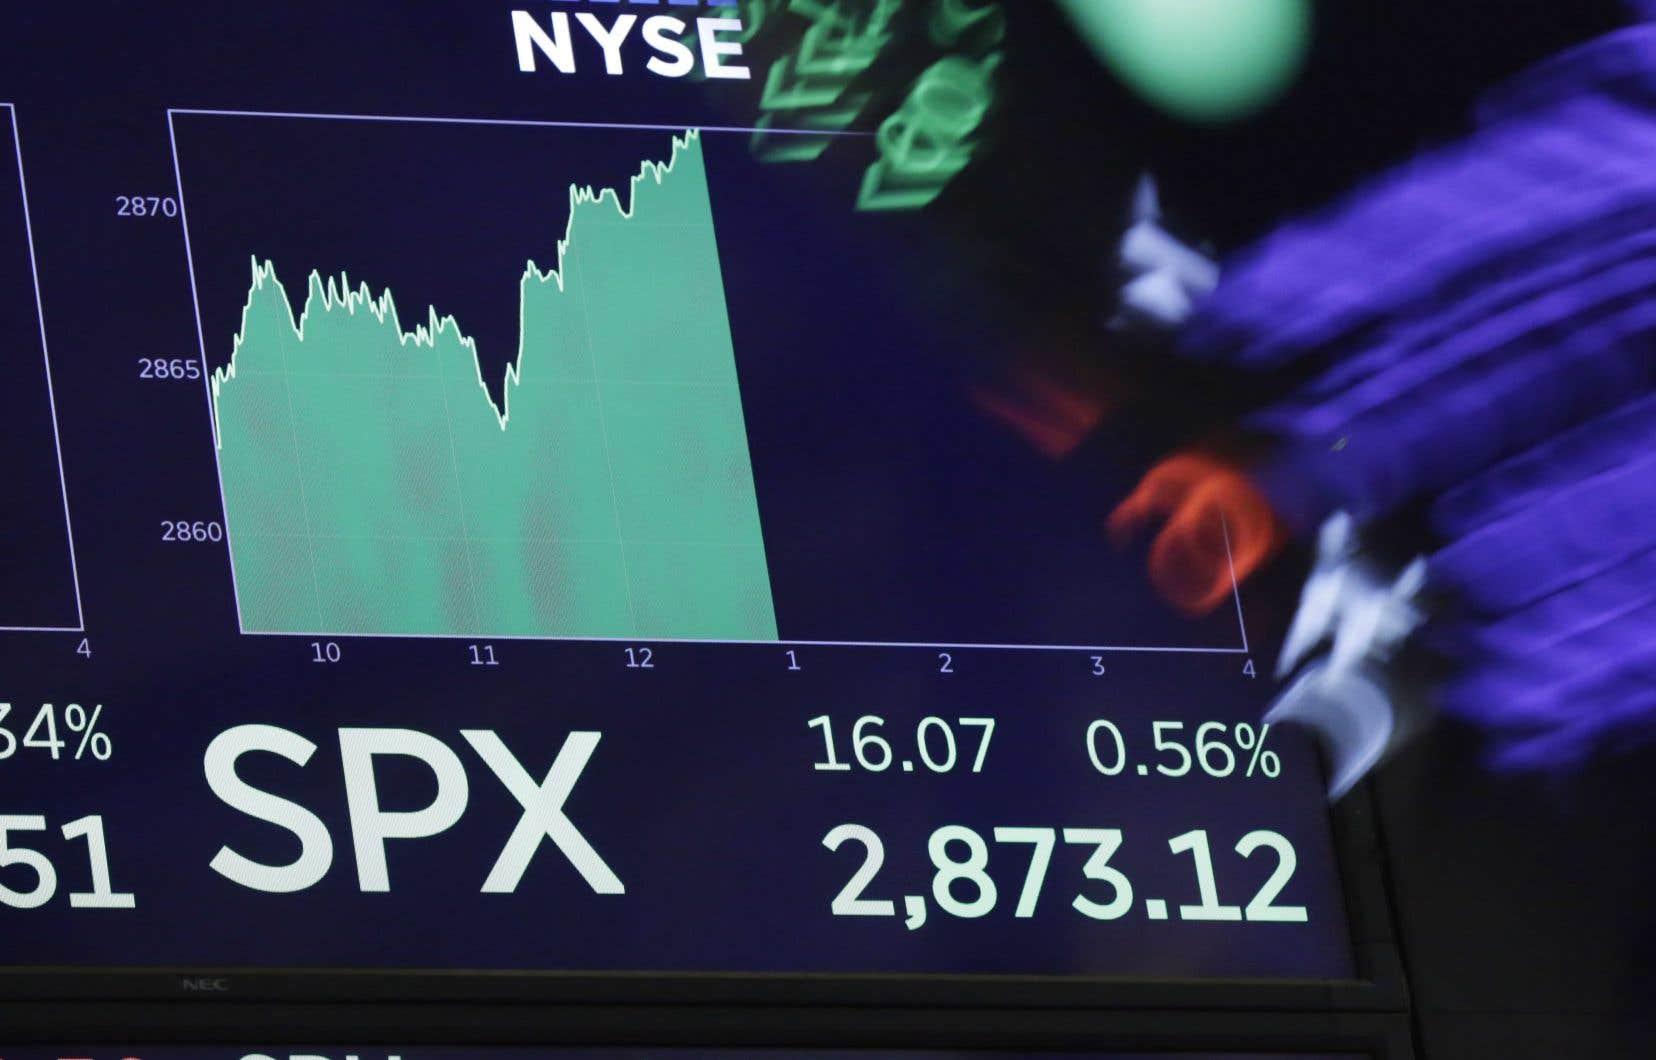 Ponctuée de pauses, de légers reculs et de petites remontées, cette période de croissance de la Bourse américaine est loin d'être la plus forte de son histoire.